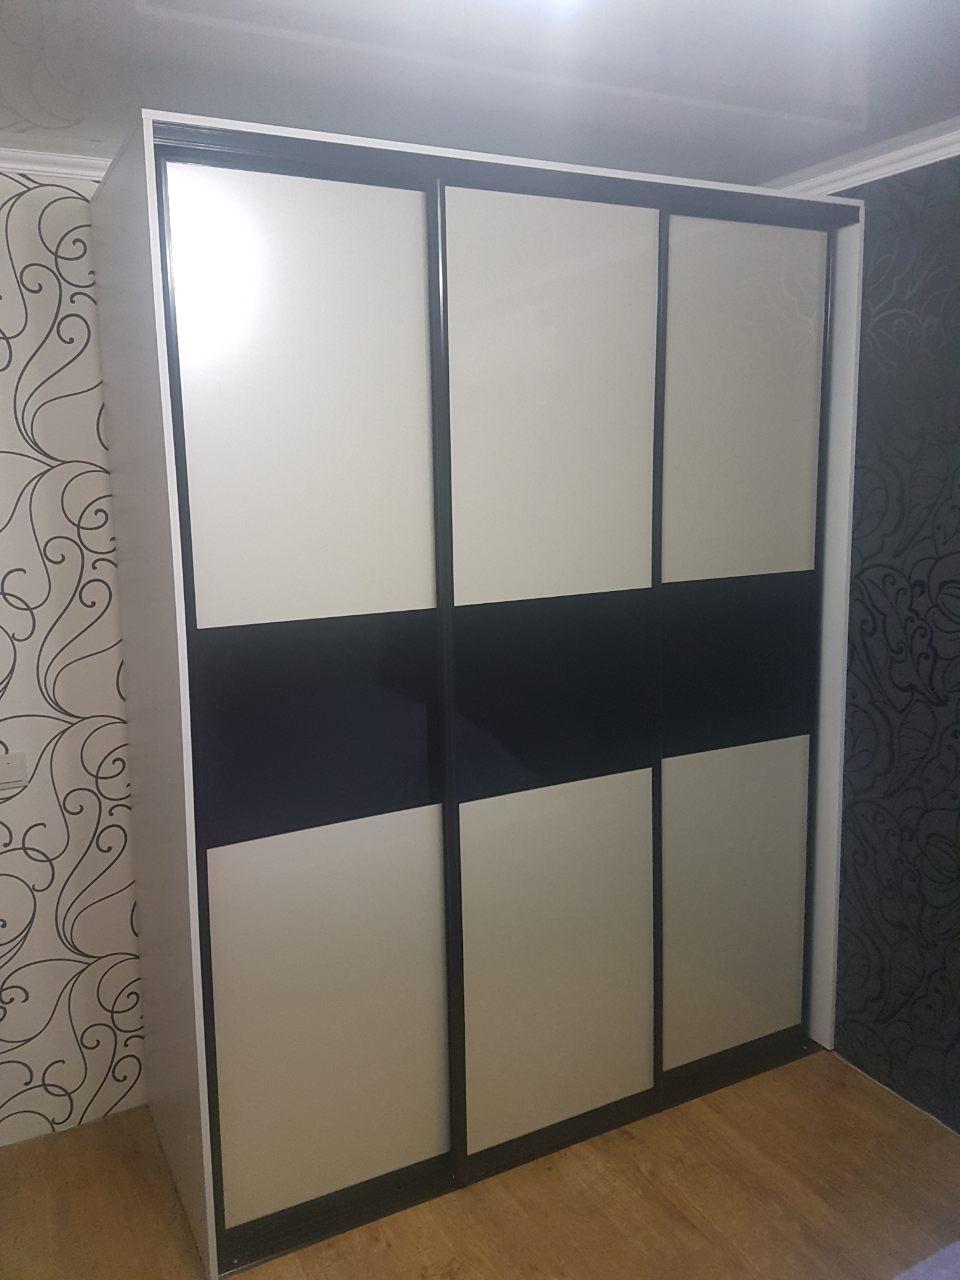 Шкаф - кШкаф - купеупе 3 двери